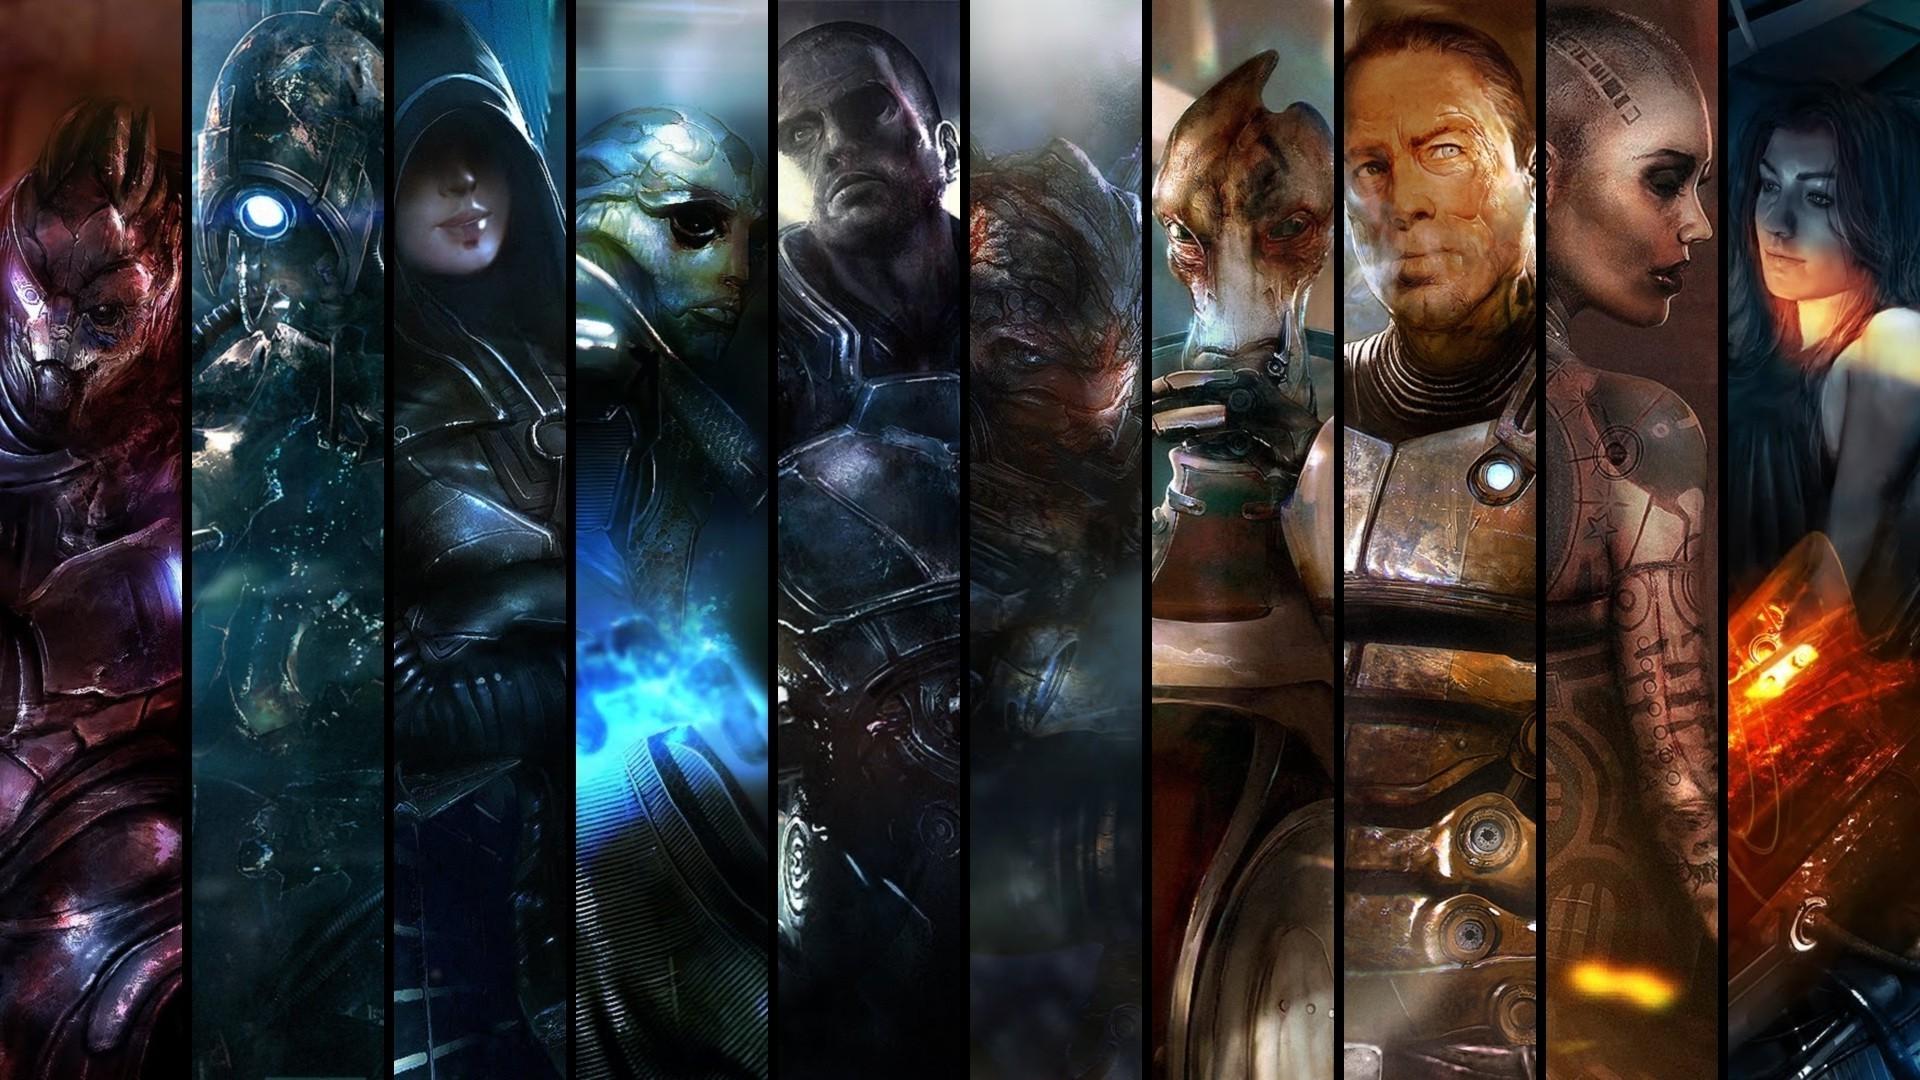 Wallpaper 1920x1080 Px Mass Effect Mass Effect 2 Video Games